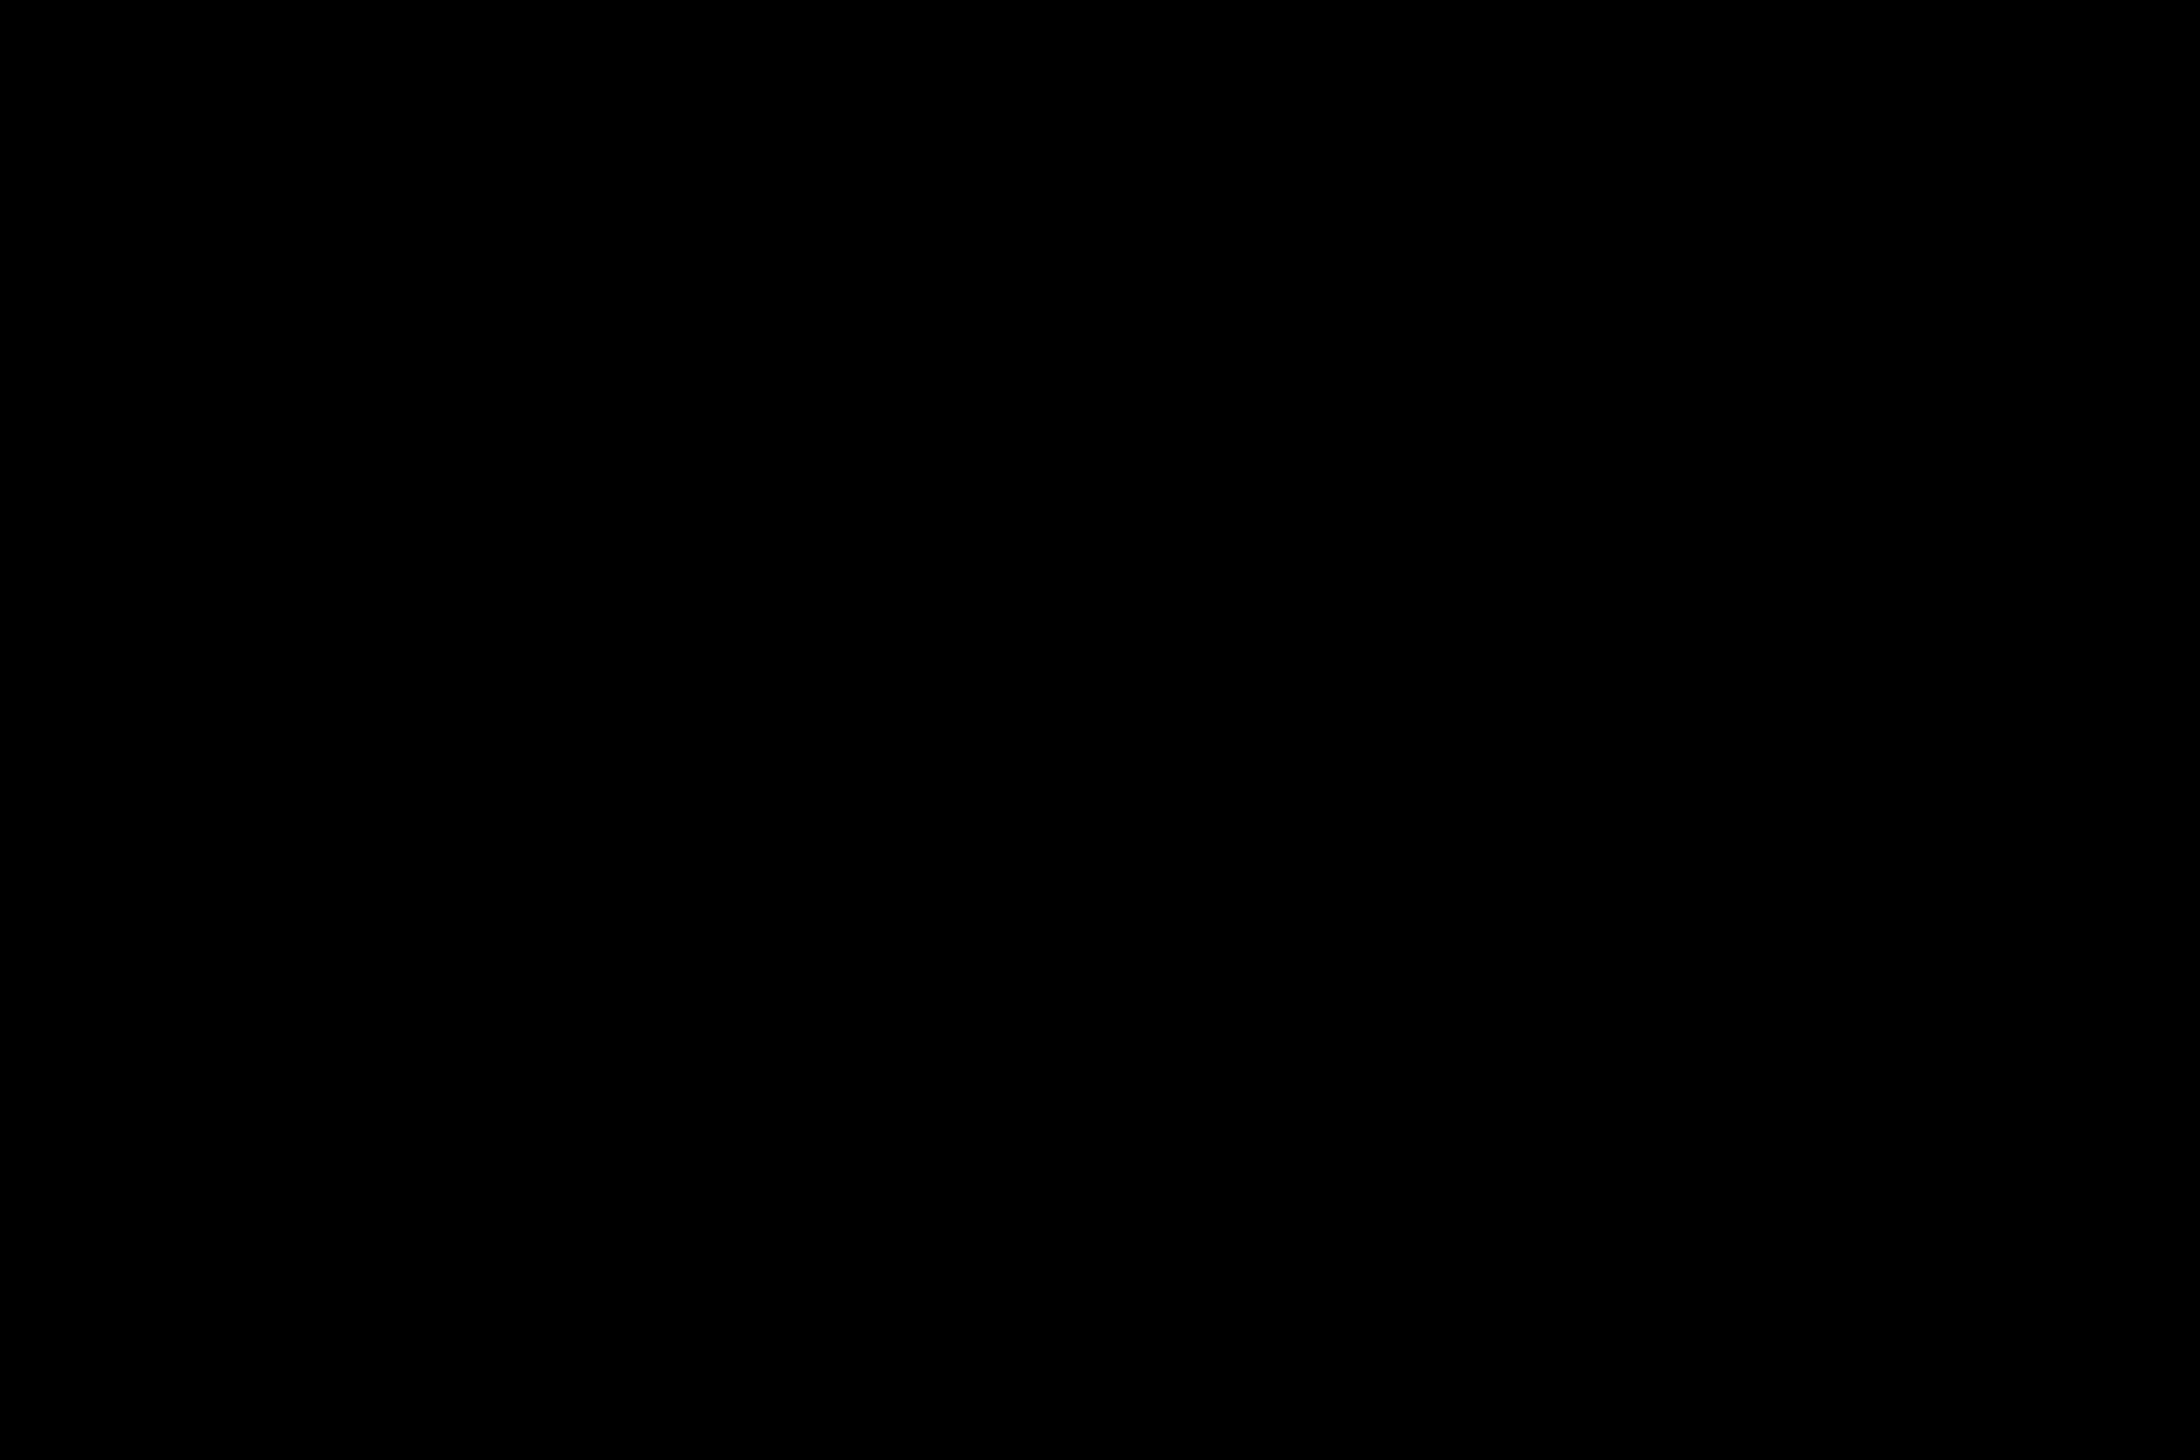 mg_6677_v2